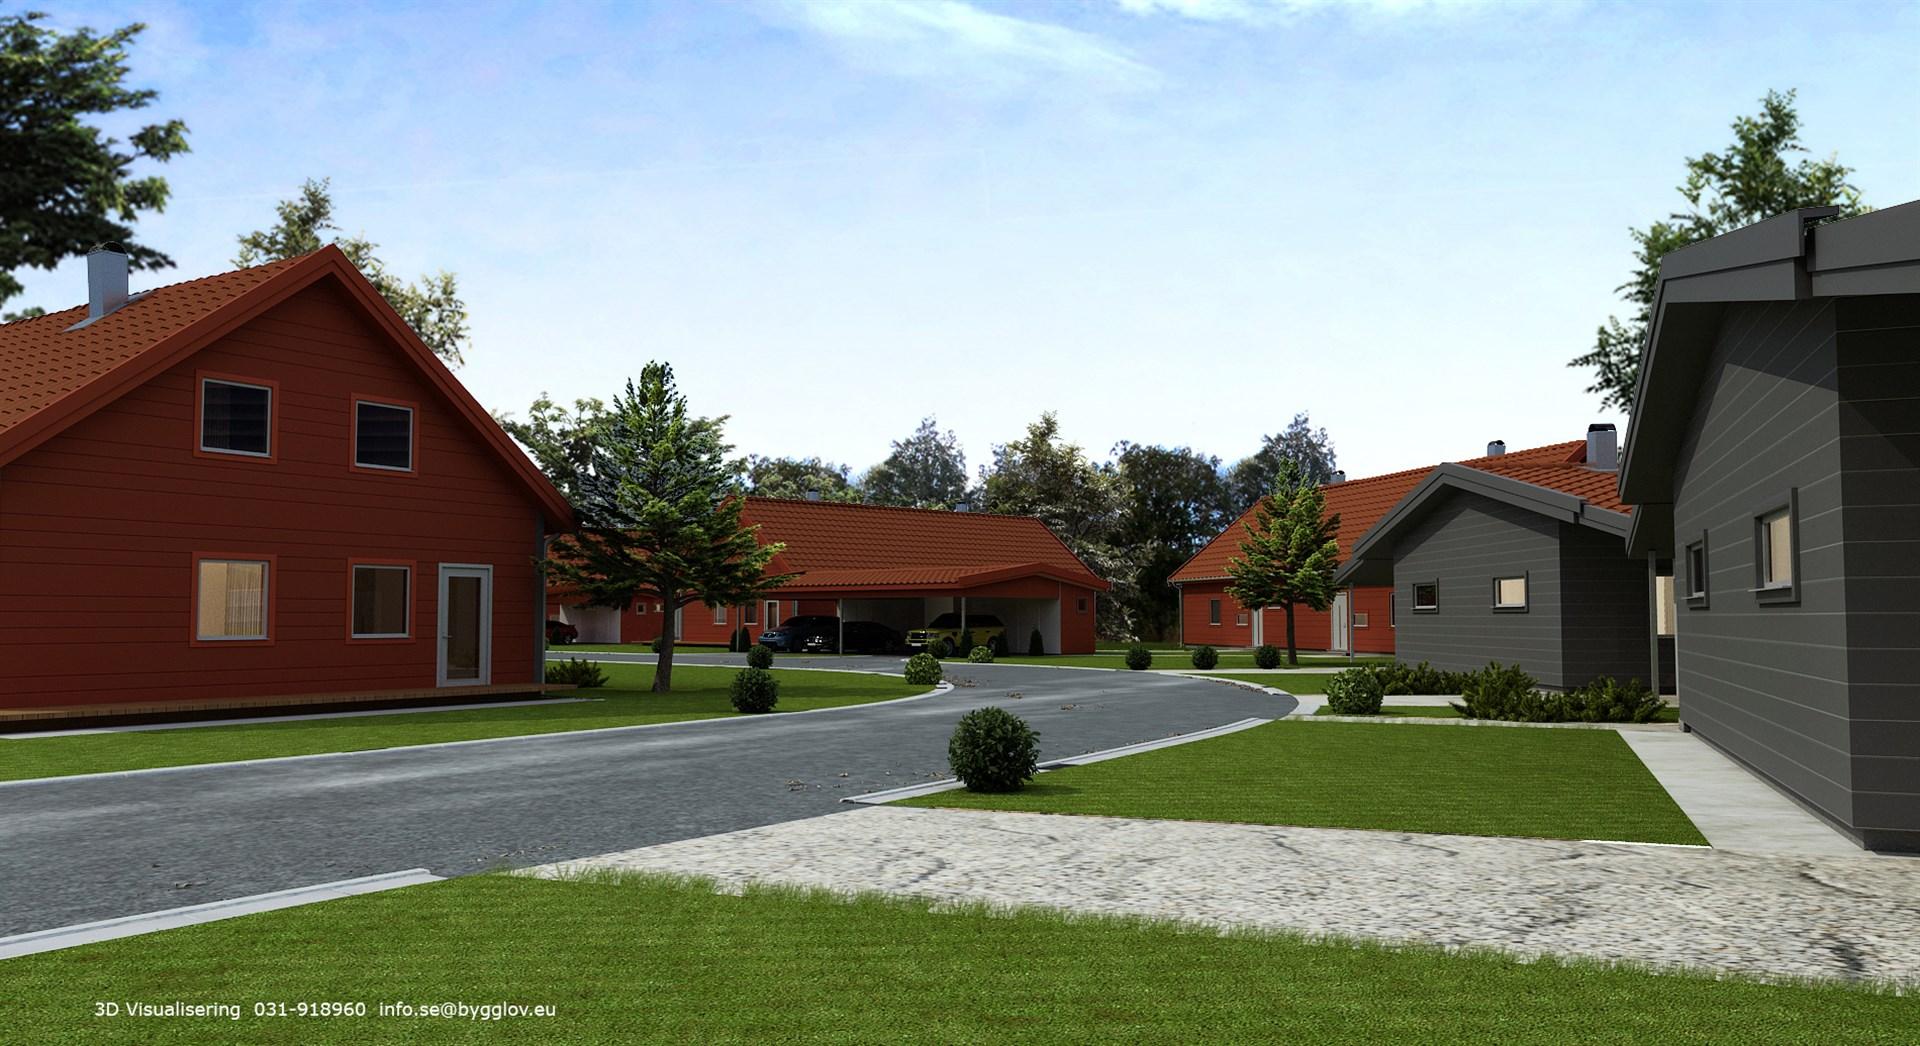 Välkommen till Bingevägen!   OBS! Avvikelser kan förekomma mellan 3D-bilderna på denna sida och verkligheten.